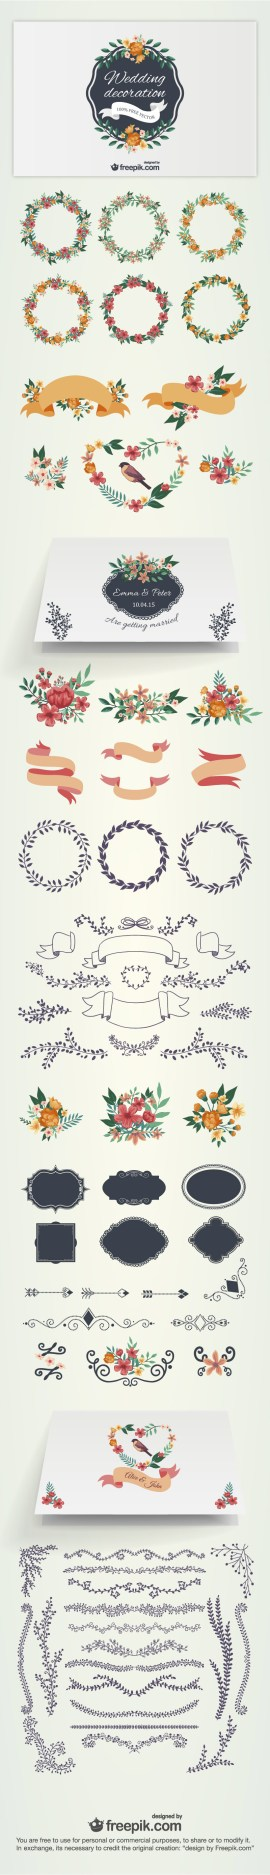 material invitacion casamiento - Material para Diseñar Invitaciones para Bodas